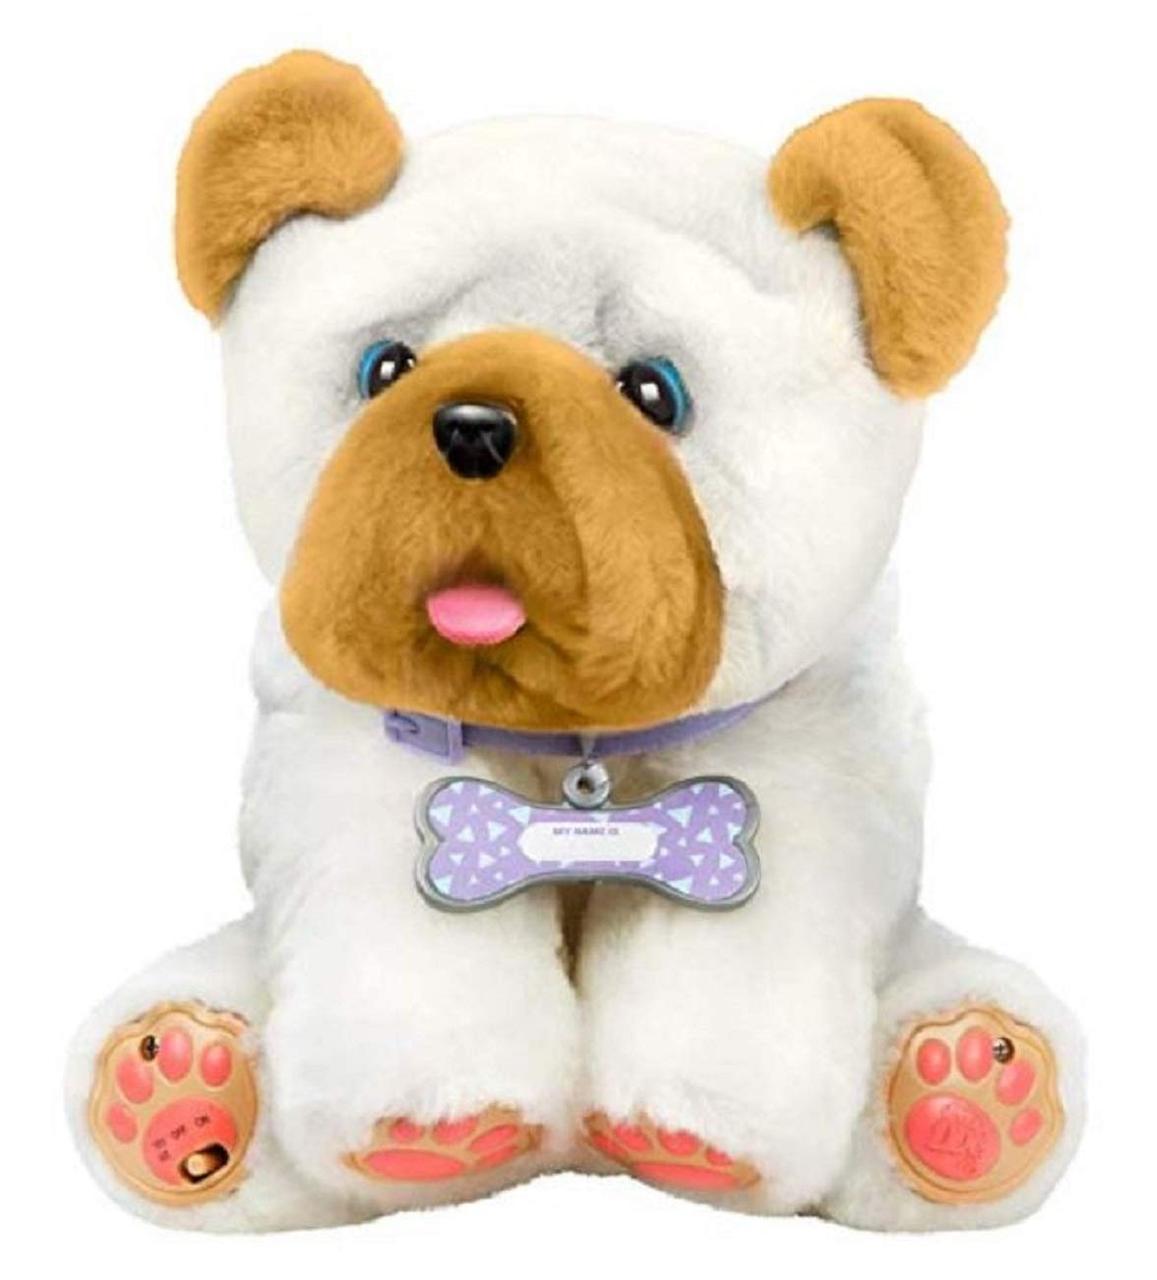 Интерактивная игрушка Щенок Вринкл Люблю целоваться Little live pets Wrinkles Moose